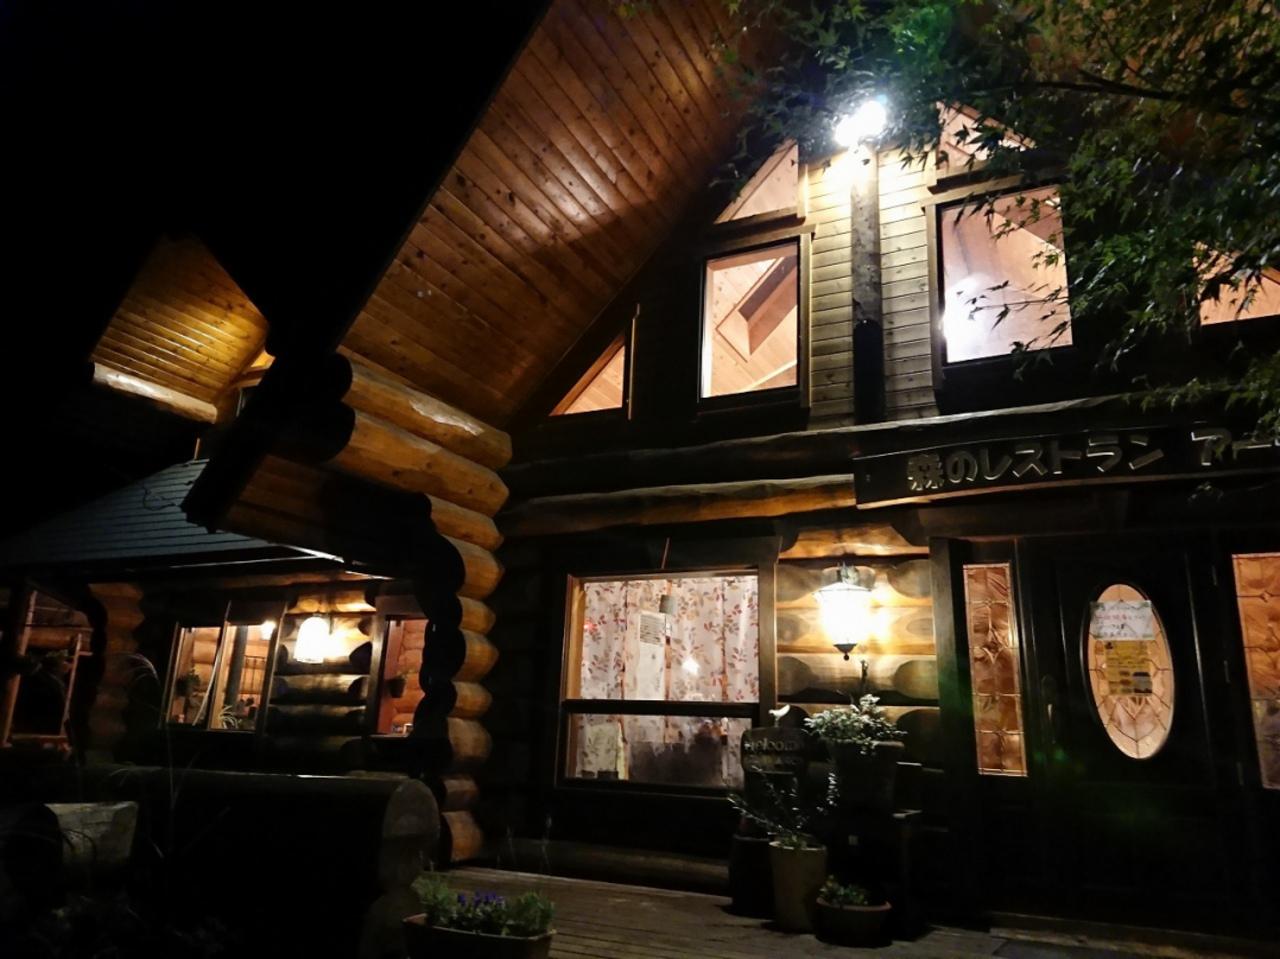 昨晩はログハウス 森のレストランアーチさんで素敵な夜を。。。